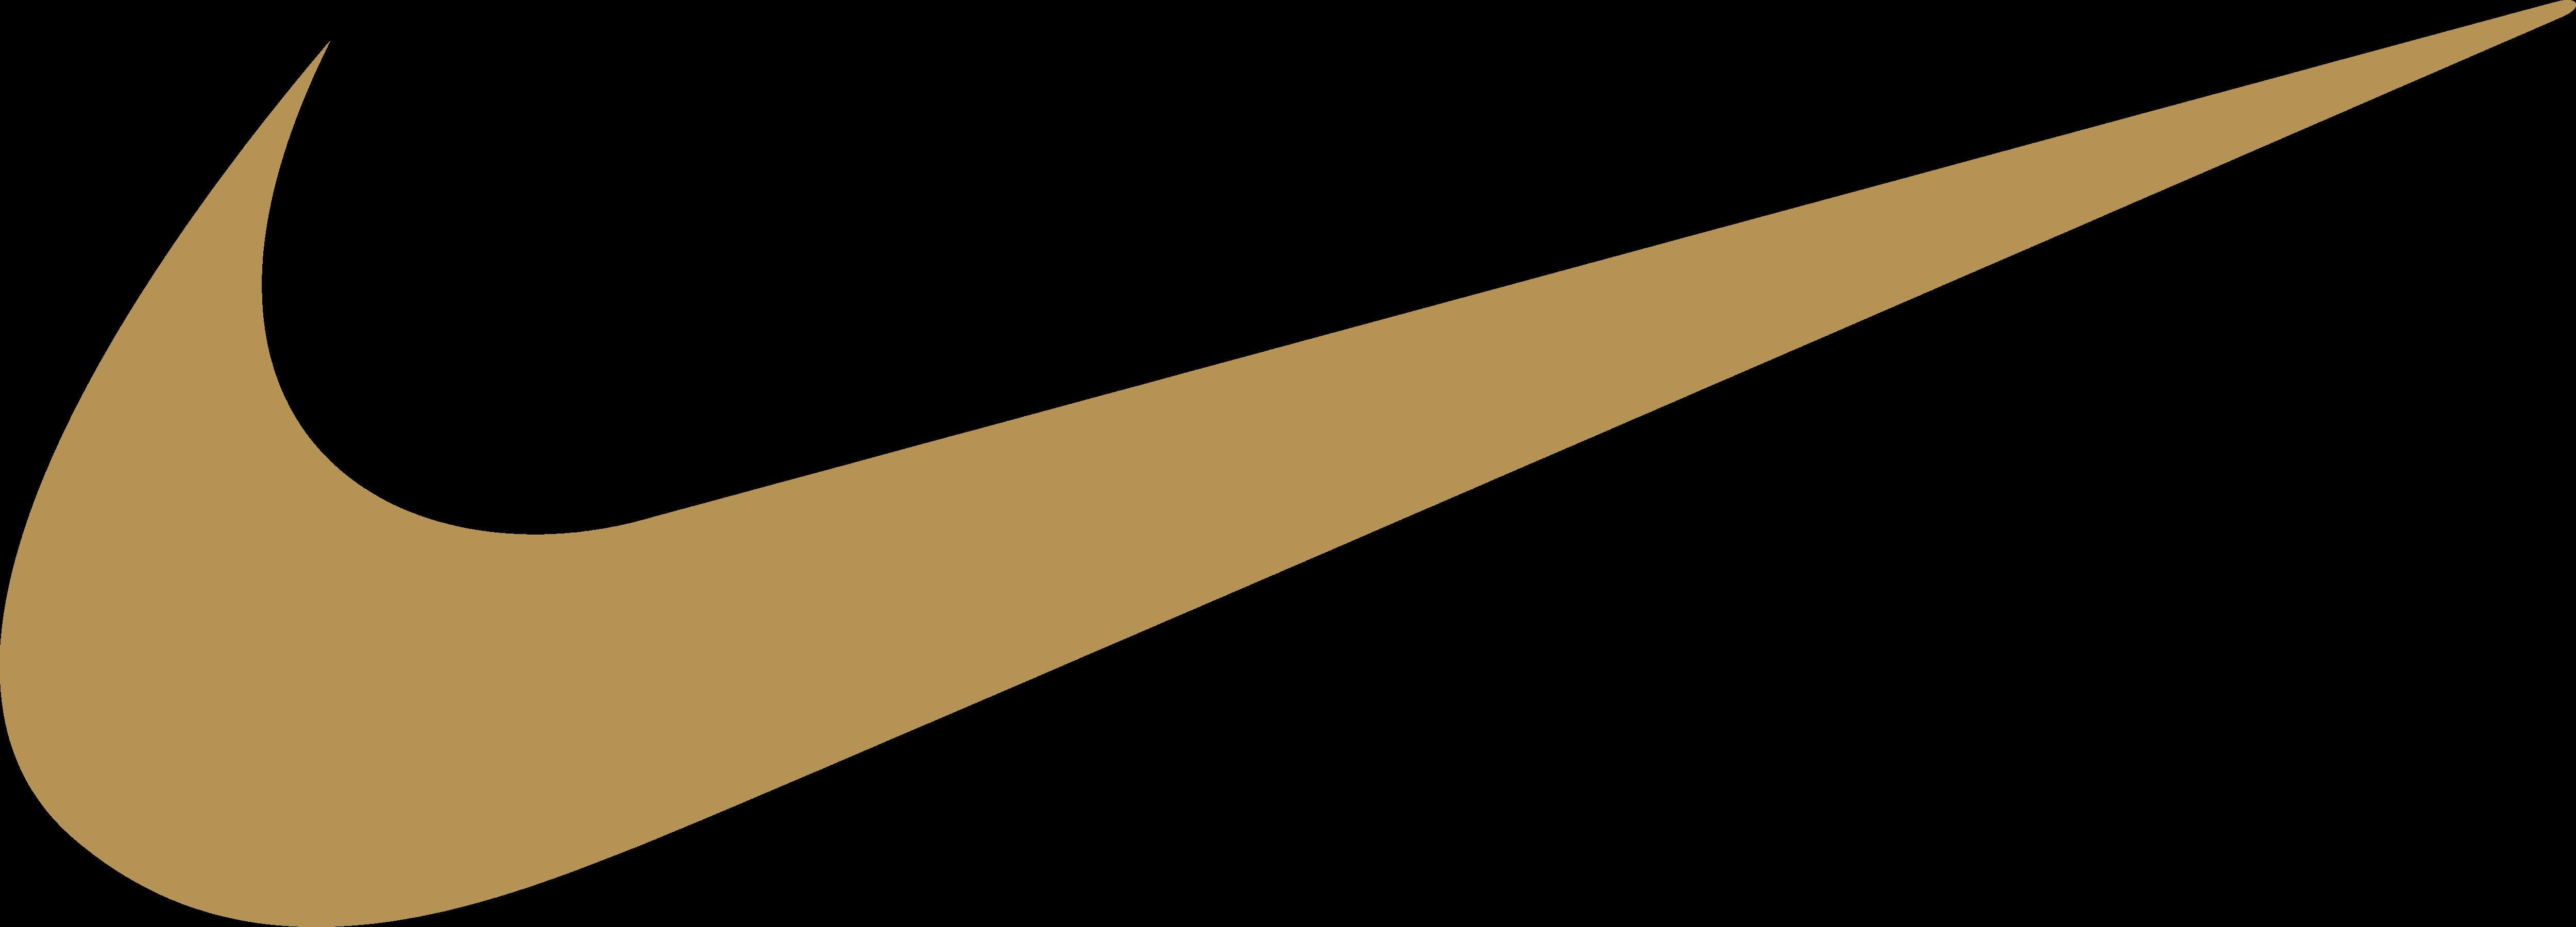 Nike Vector Logo.